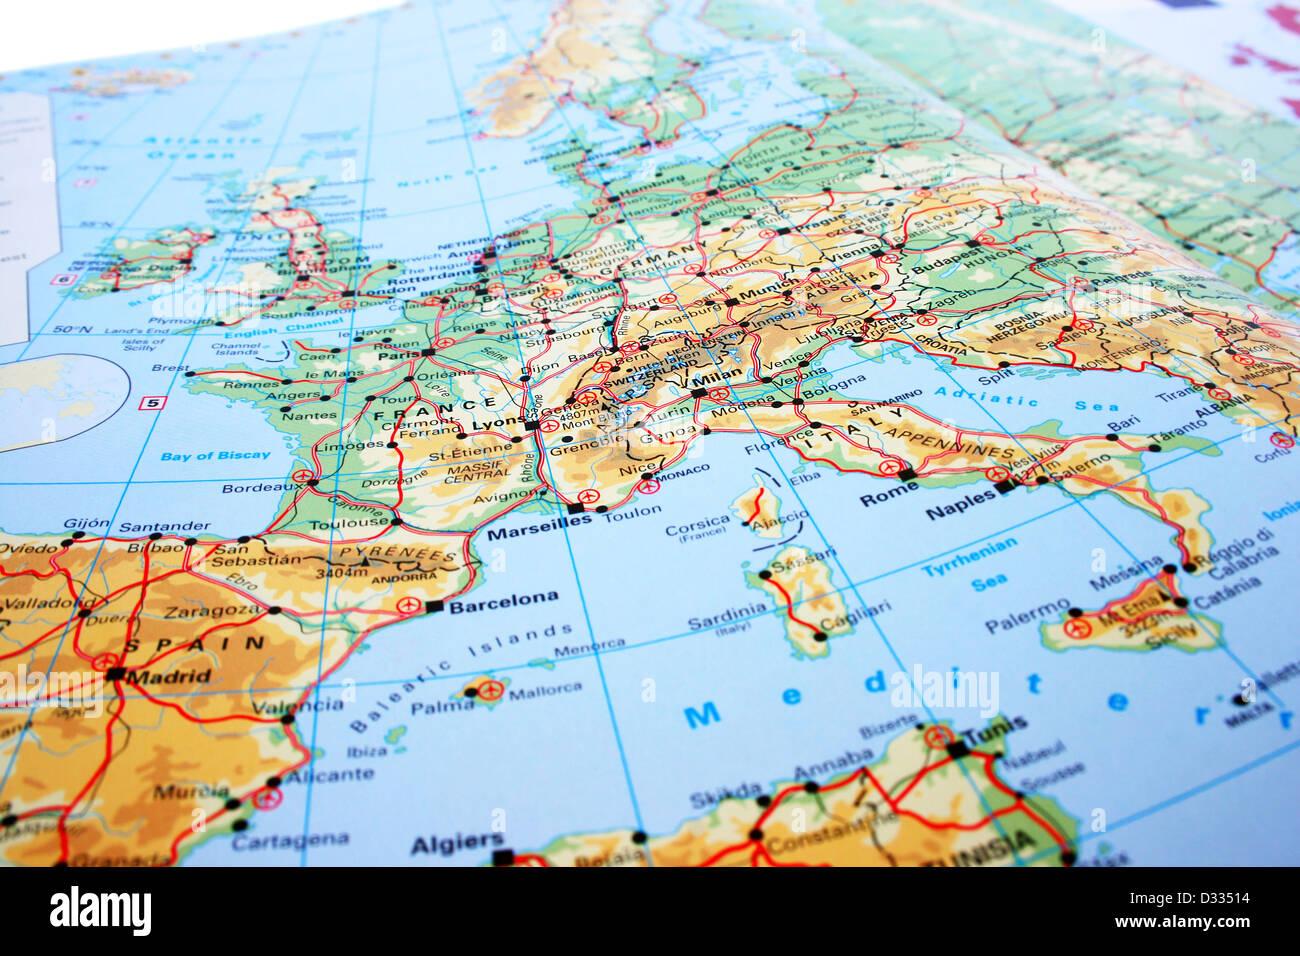 Europakarte Mit Bergen Und Flussen Stockfoto Bild 53544880 Alamy